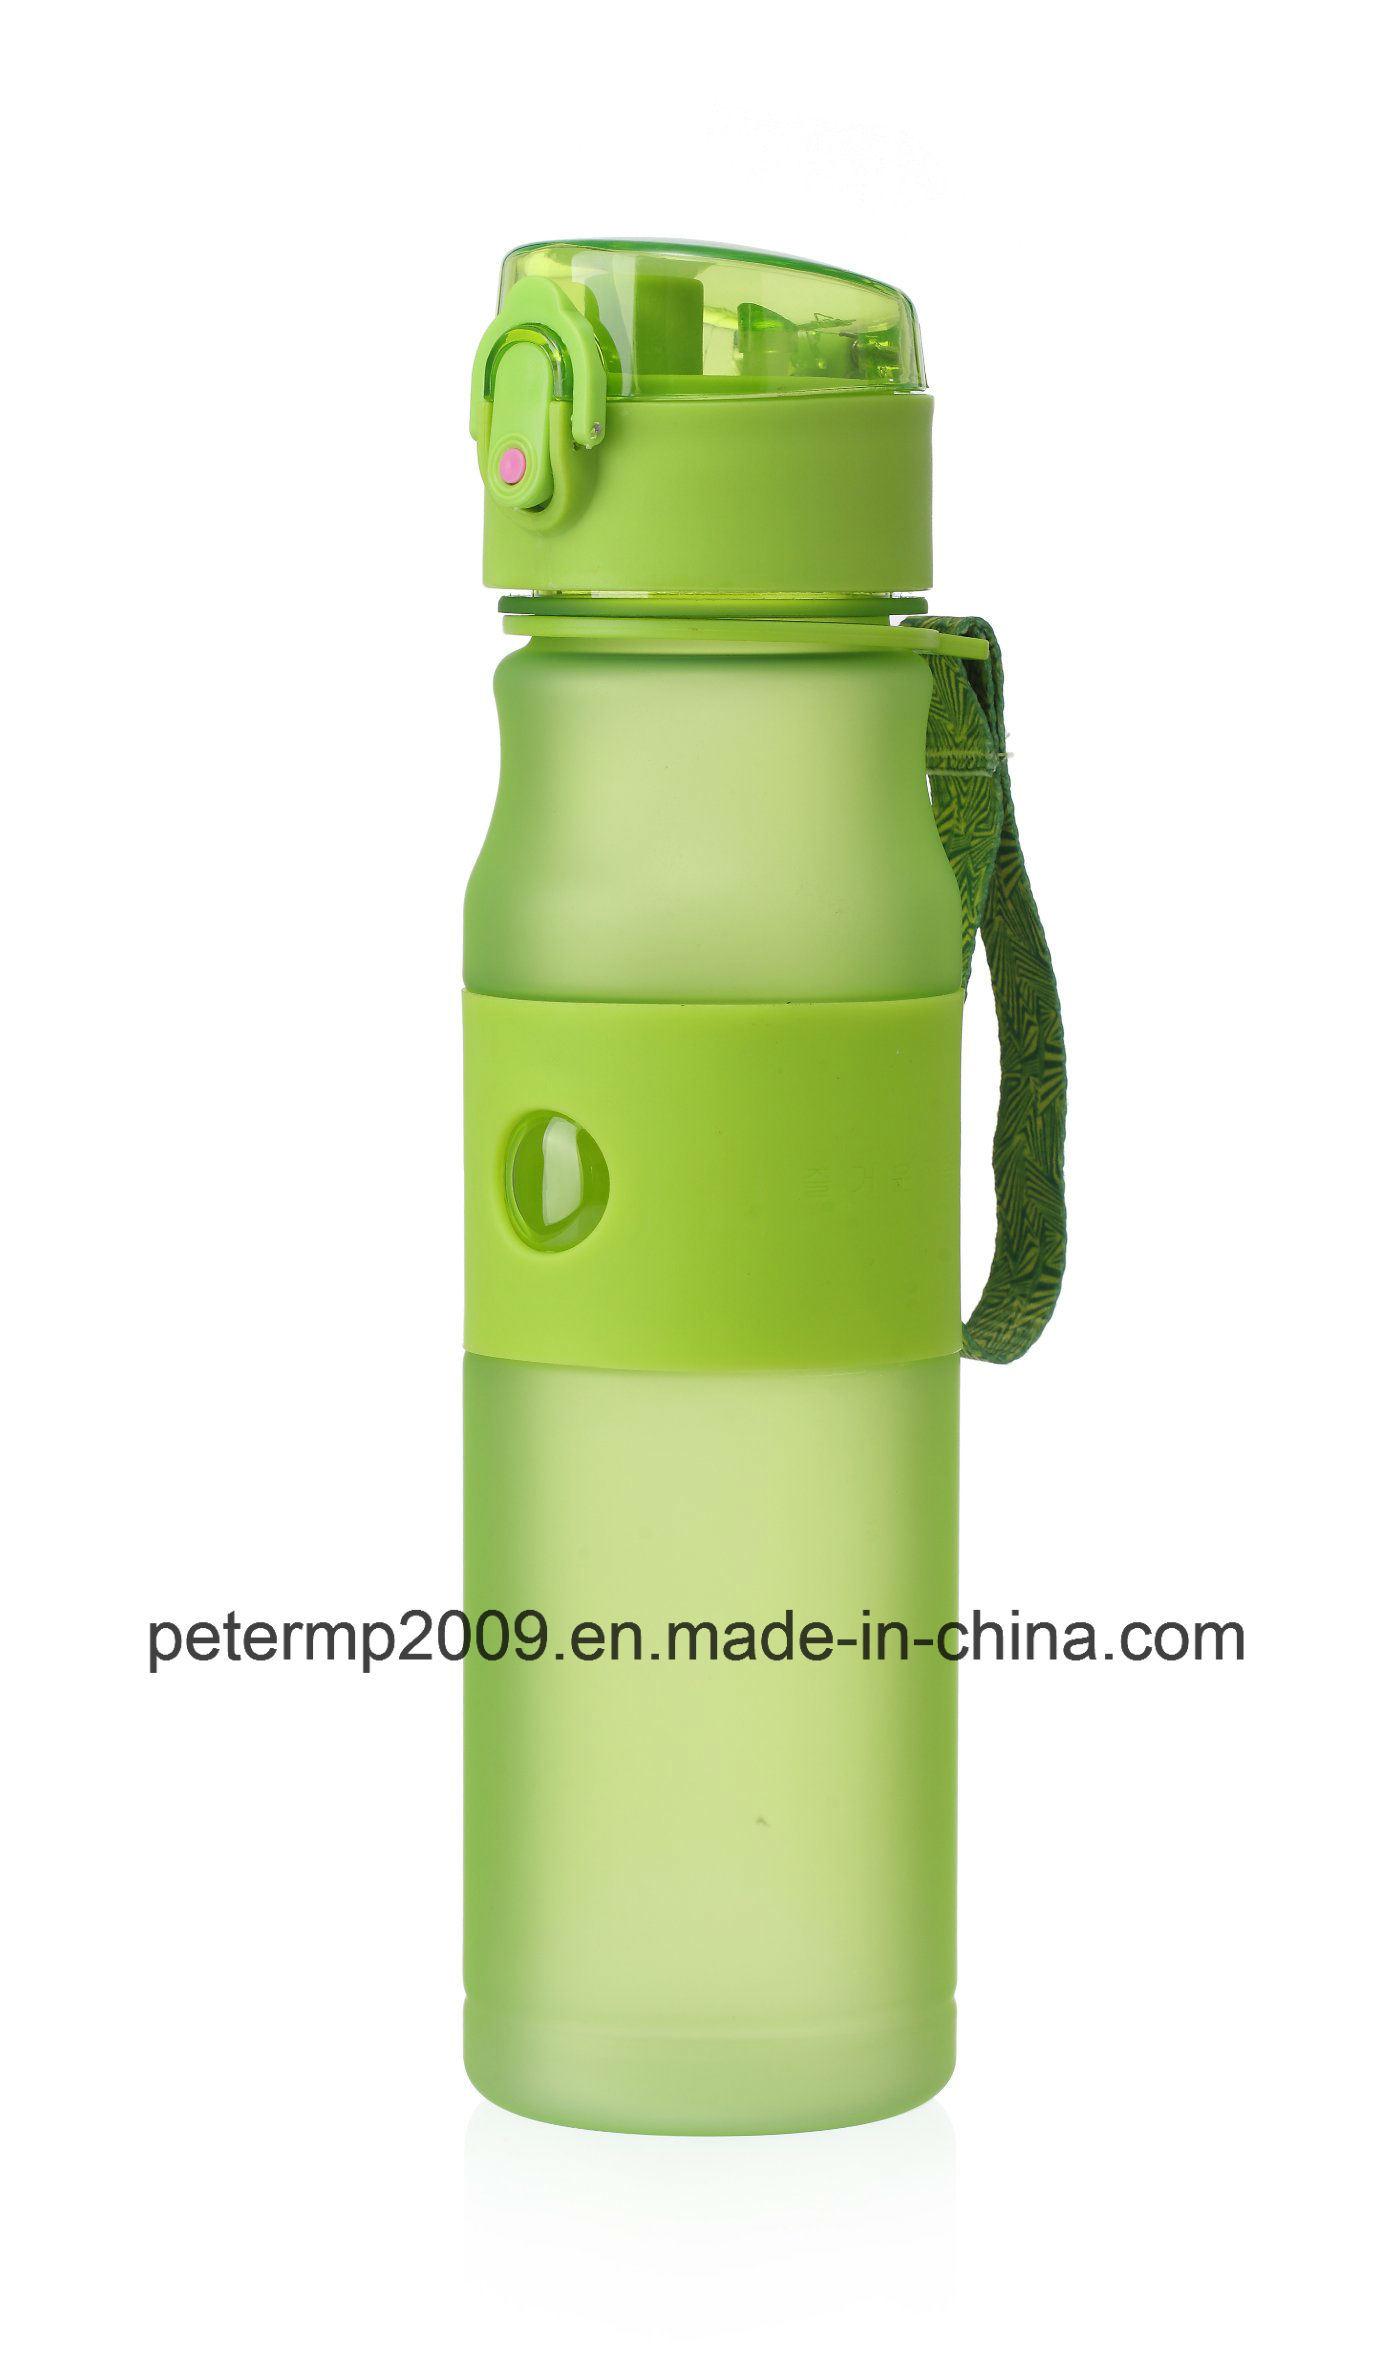 580ml Popular Plastic Tritan Infuser Water Bottle, Customized Plastic Sport Water Bottle